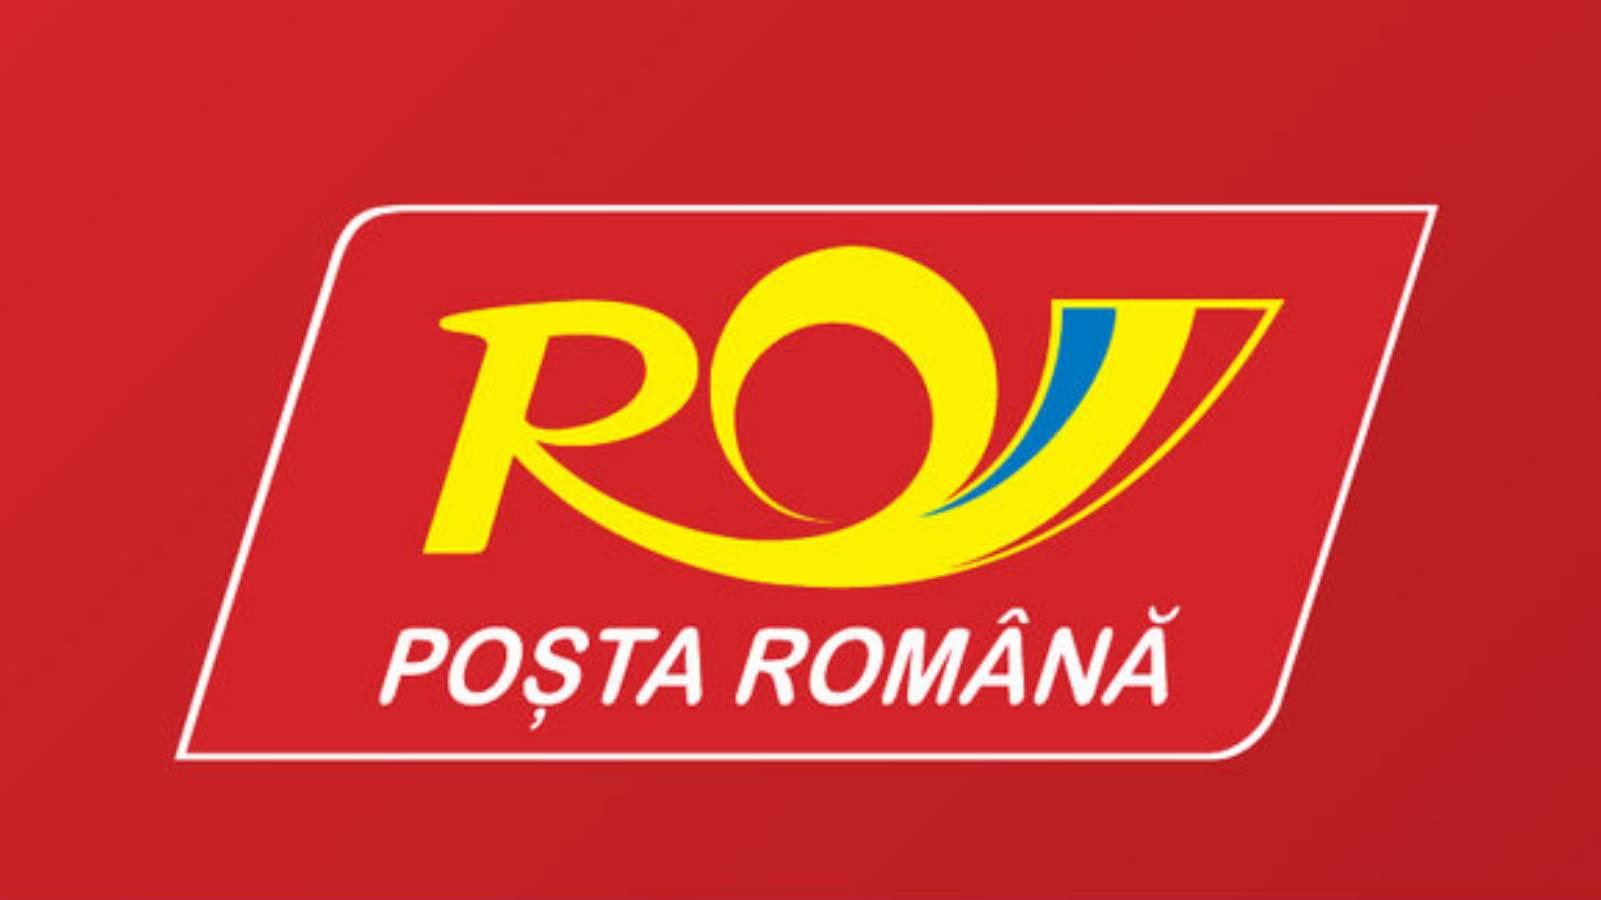 Vestea Posta Romana plicuri personalizate